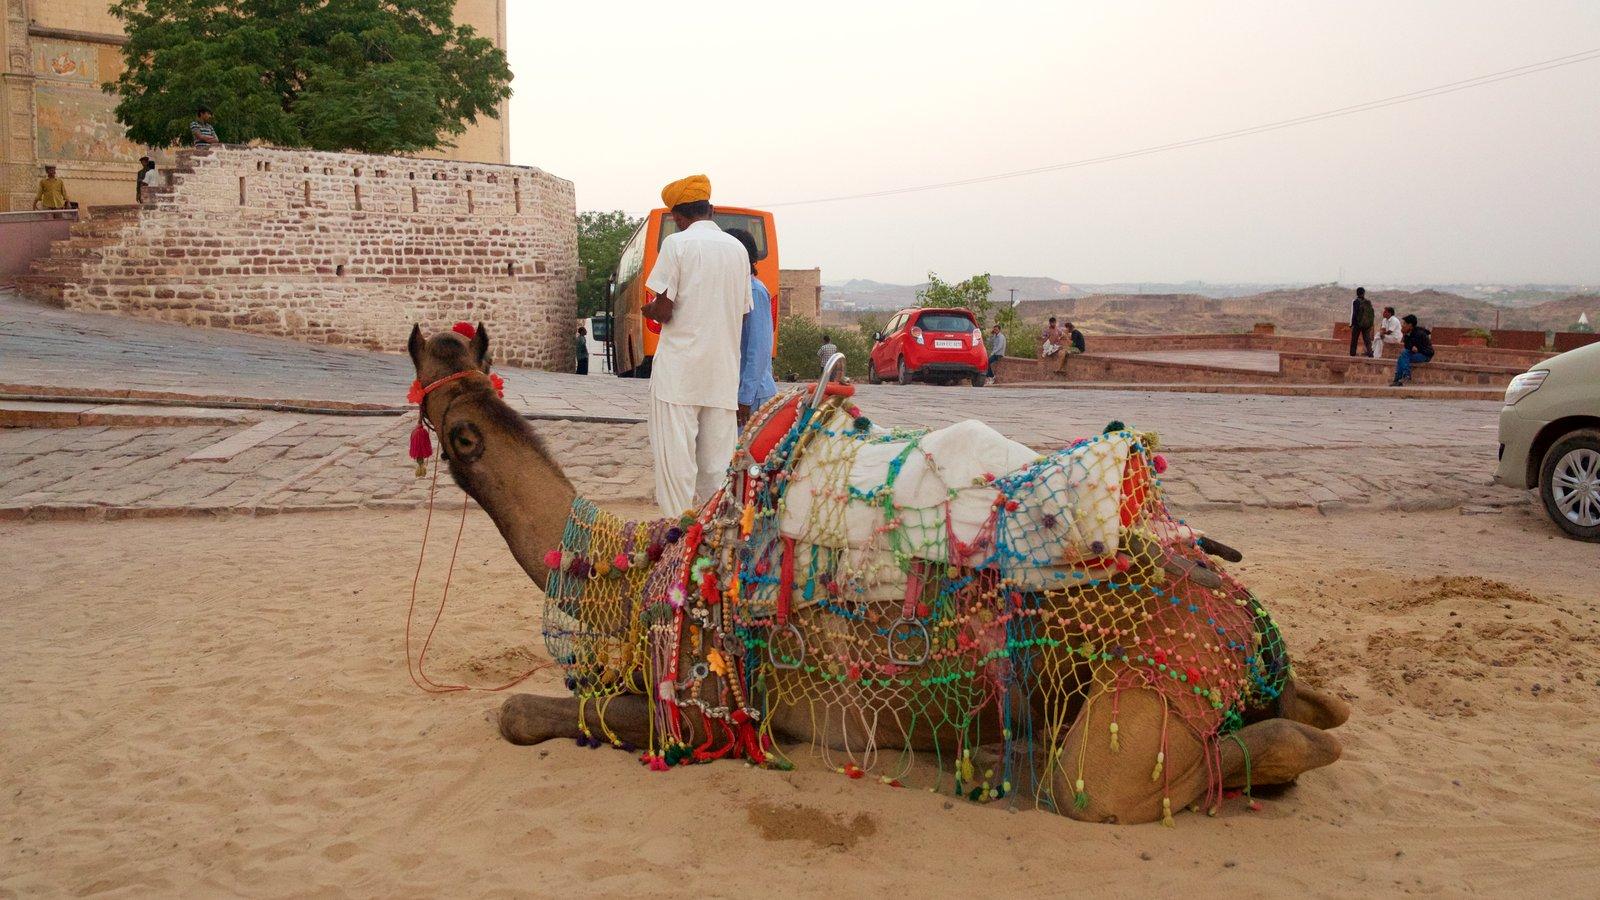 Mehrangarh Fort ofreciendo vistas al desierto y animales terrestres